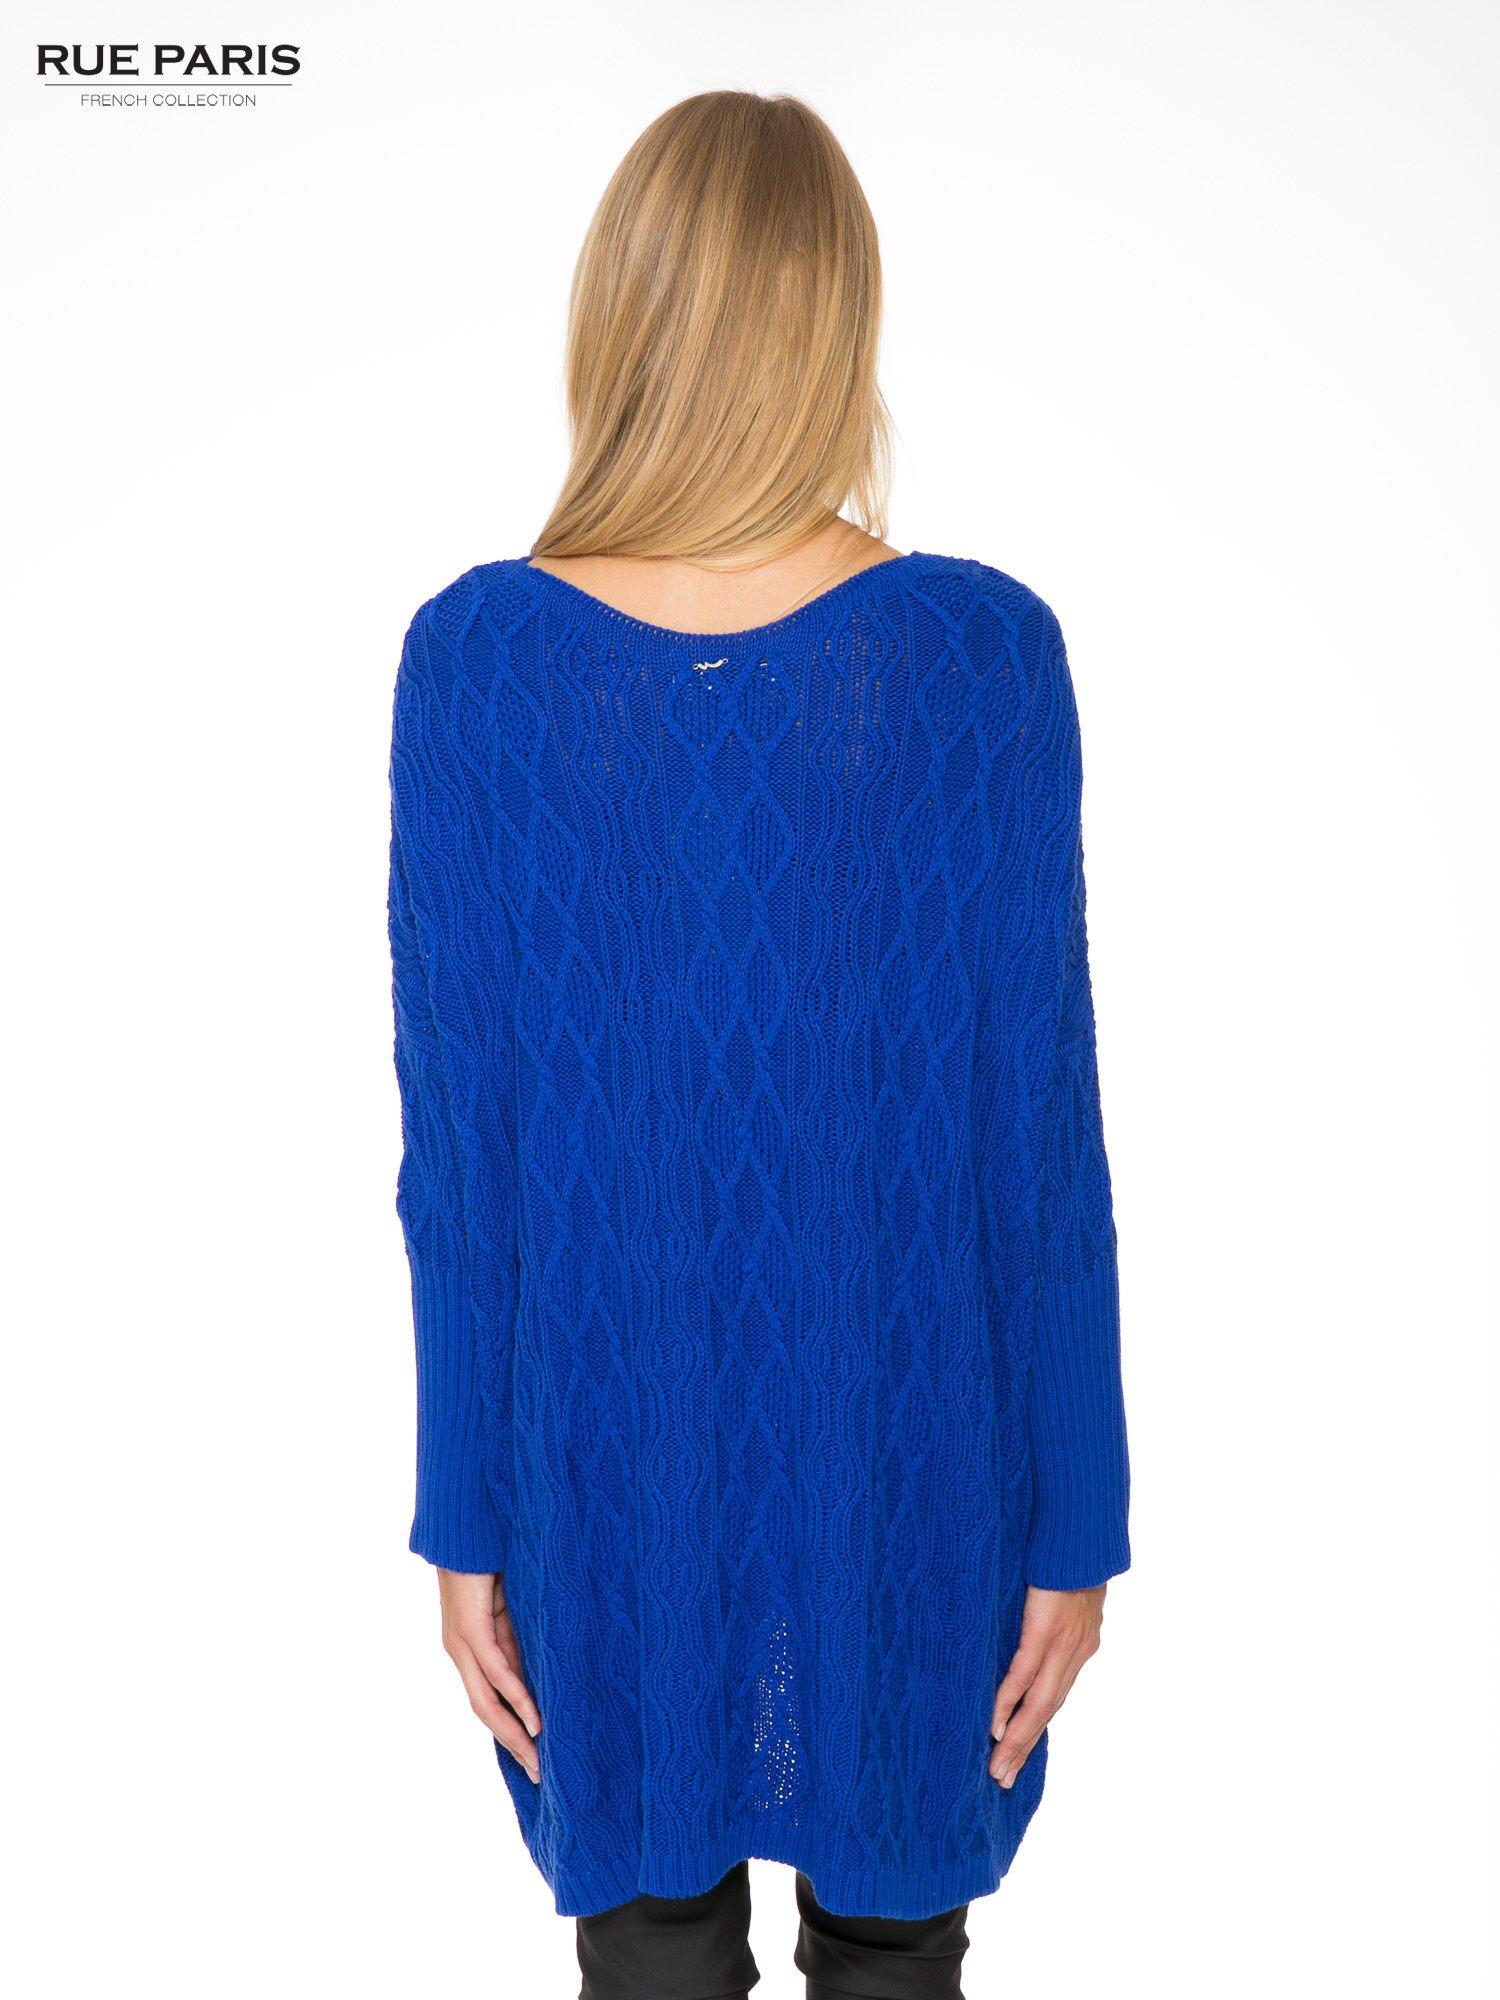 Niebieski dziergany długi sweter o kroju oversize                                  zdj.                                  4